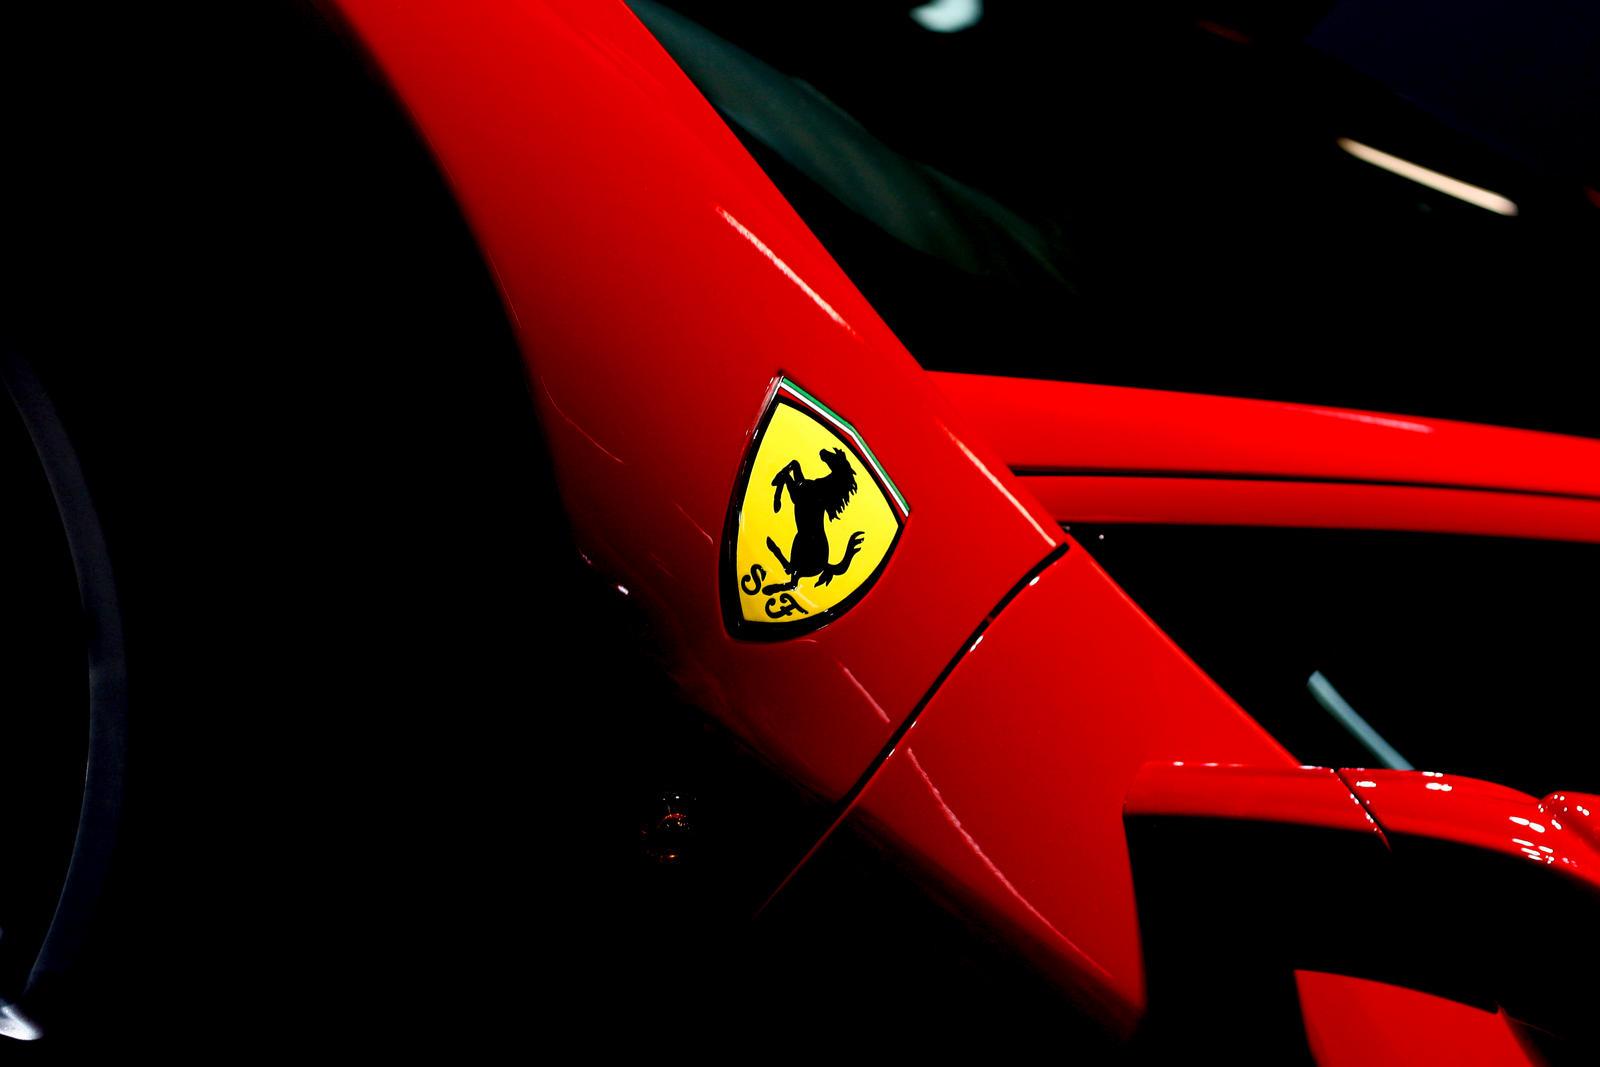 Scuderia Ferrari By Rmfr1225 On Deviantart